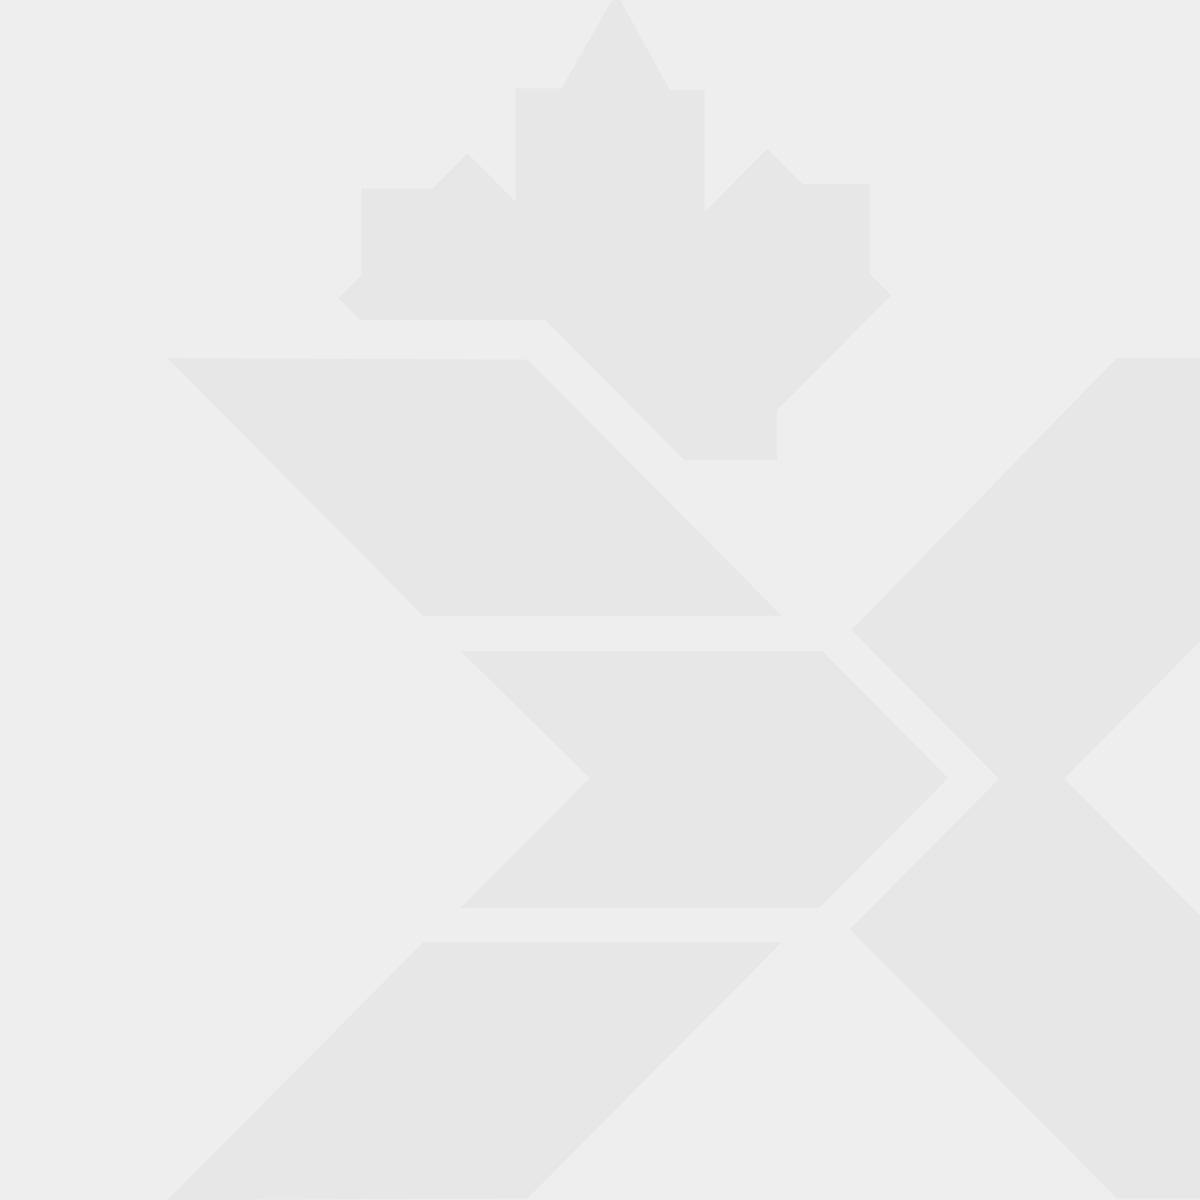 APPUYONS NOS TROUPES - Chandail à capuchon Tech marne pour femmes